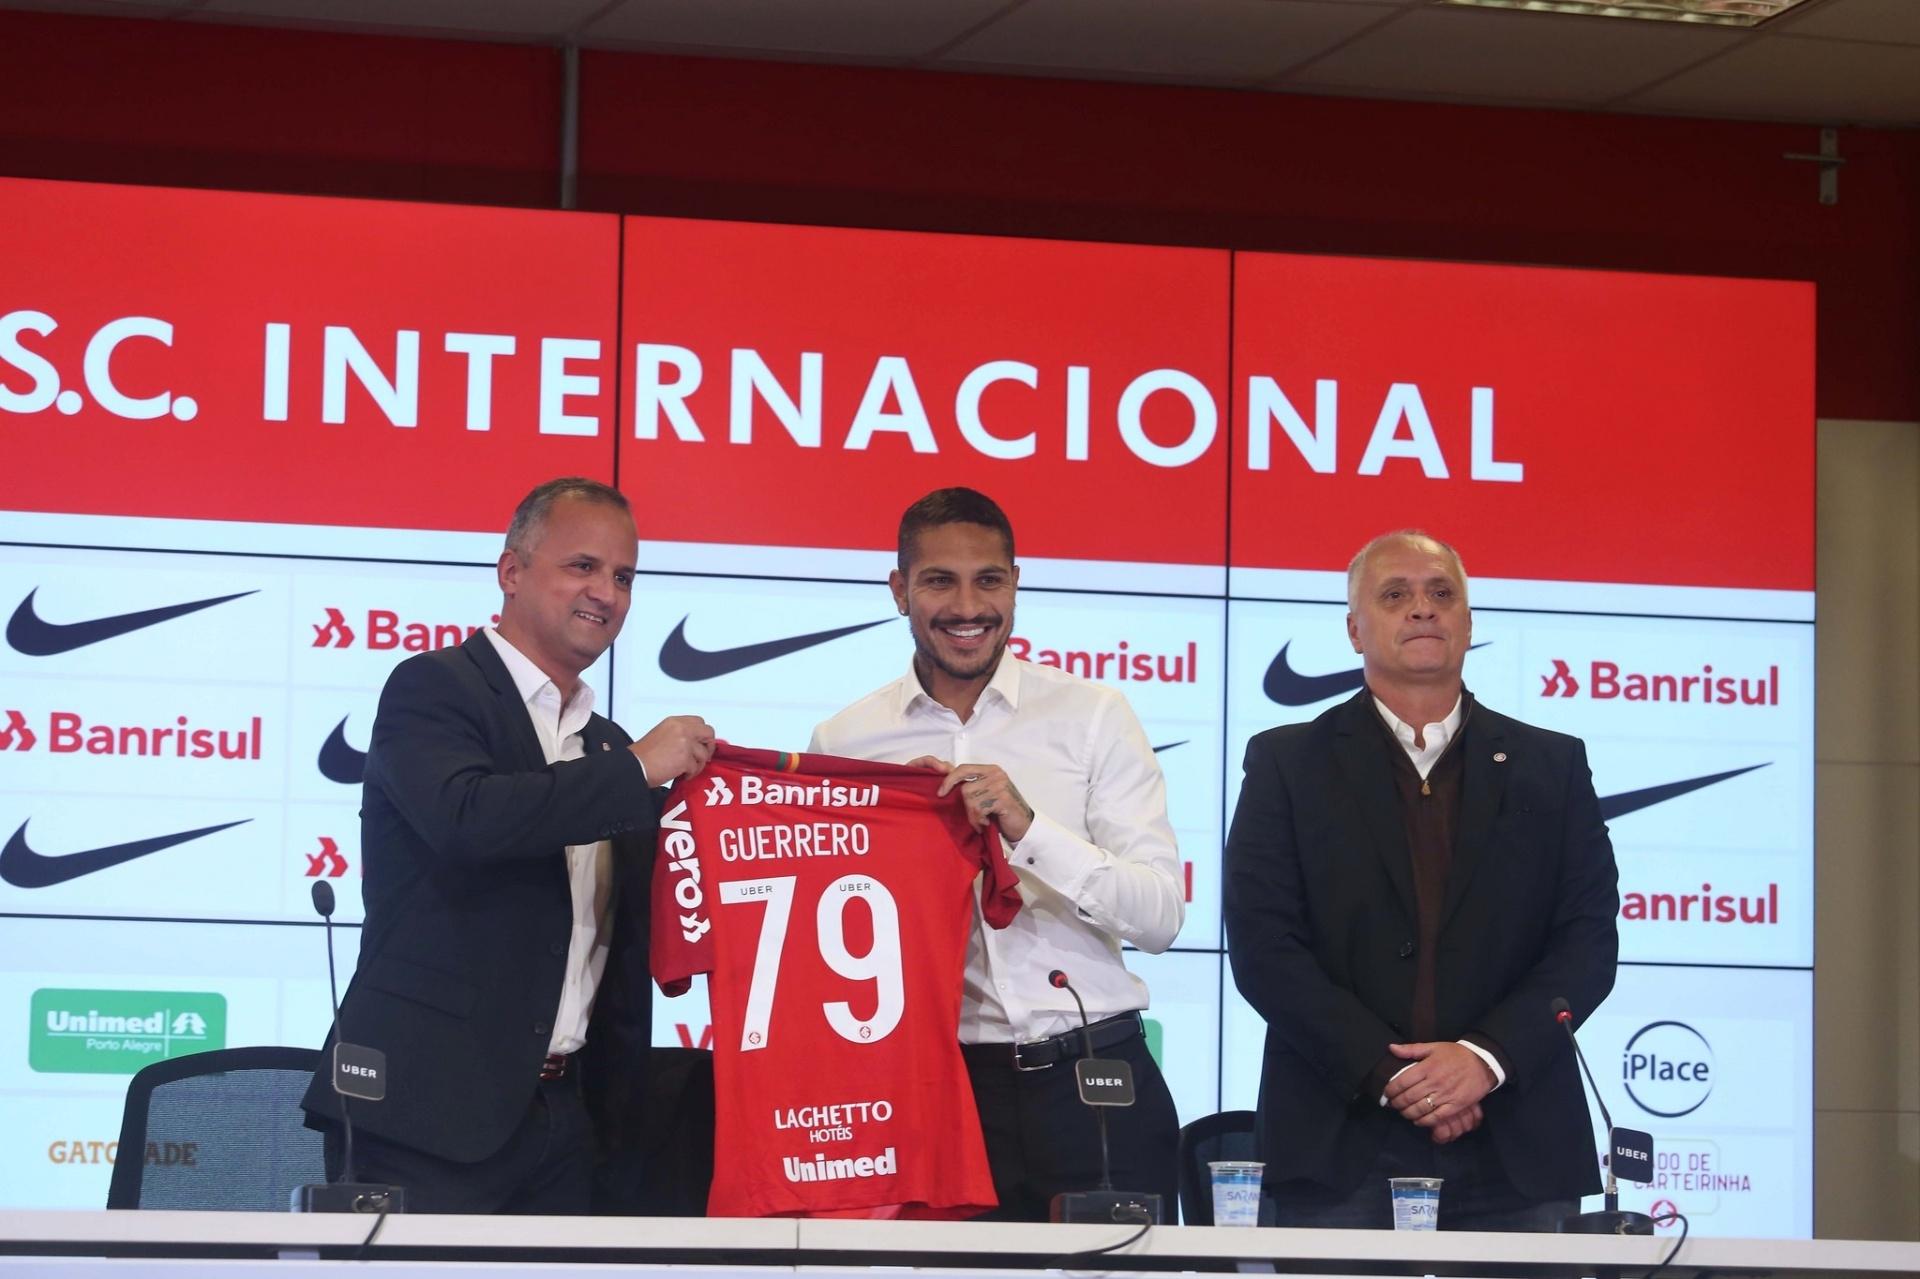 25f7d2f0e3c Camisa de Guerrero no Inter vende quase 3 mil exemplares em 24 horas -  16 08 2018 - UOL Esporte